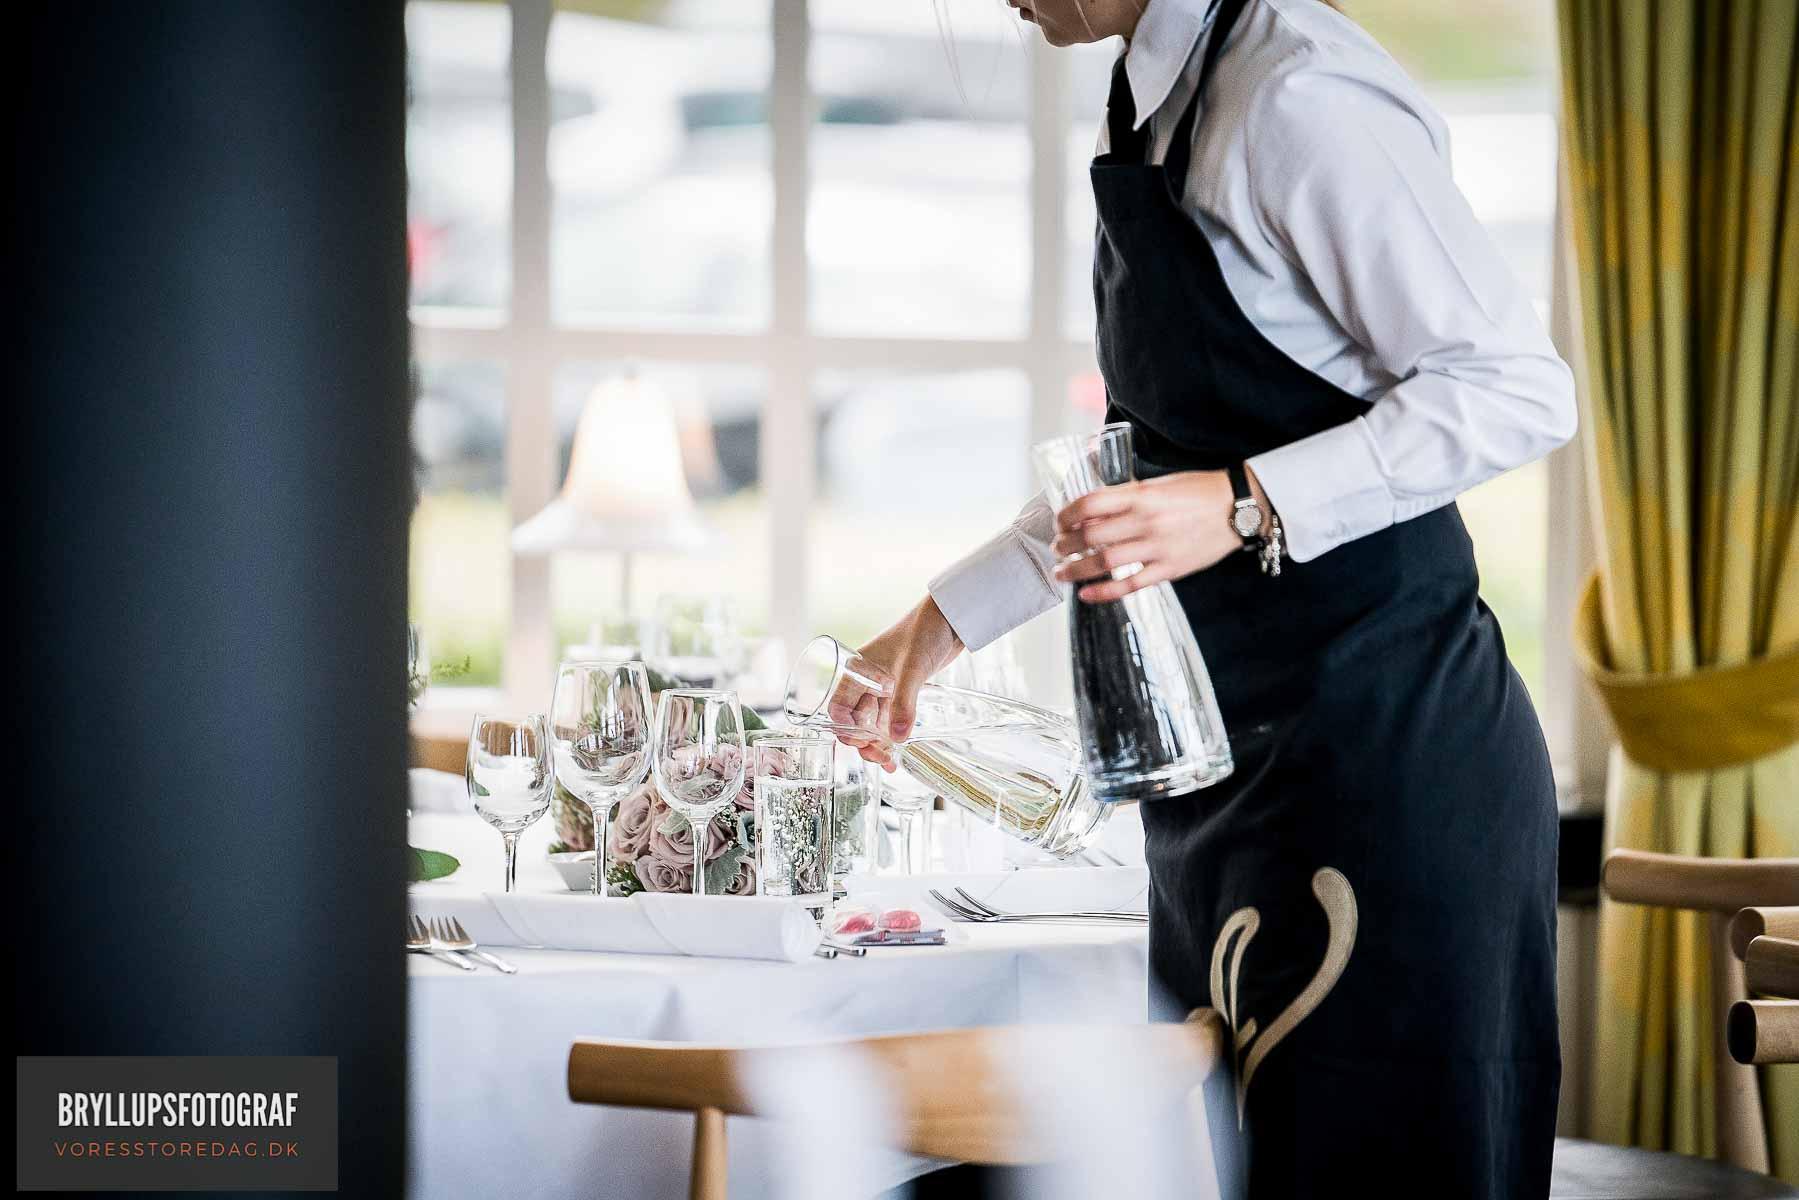 Bryllupsfotograf i Aarhus med sans for bryllupsbilleder med kant